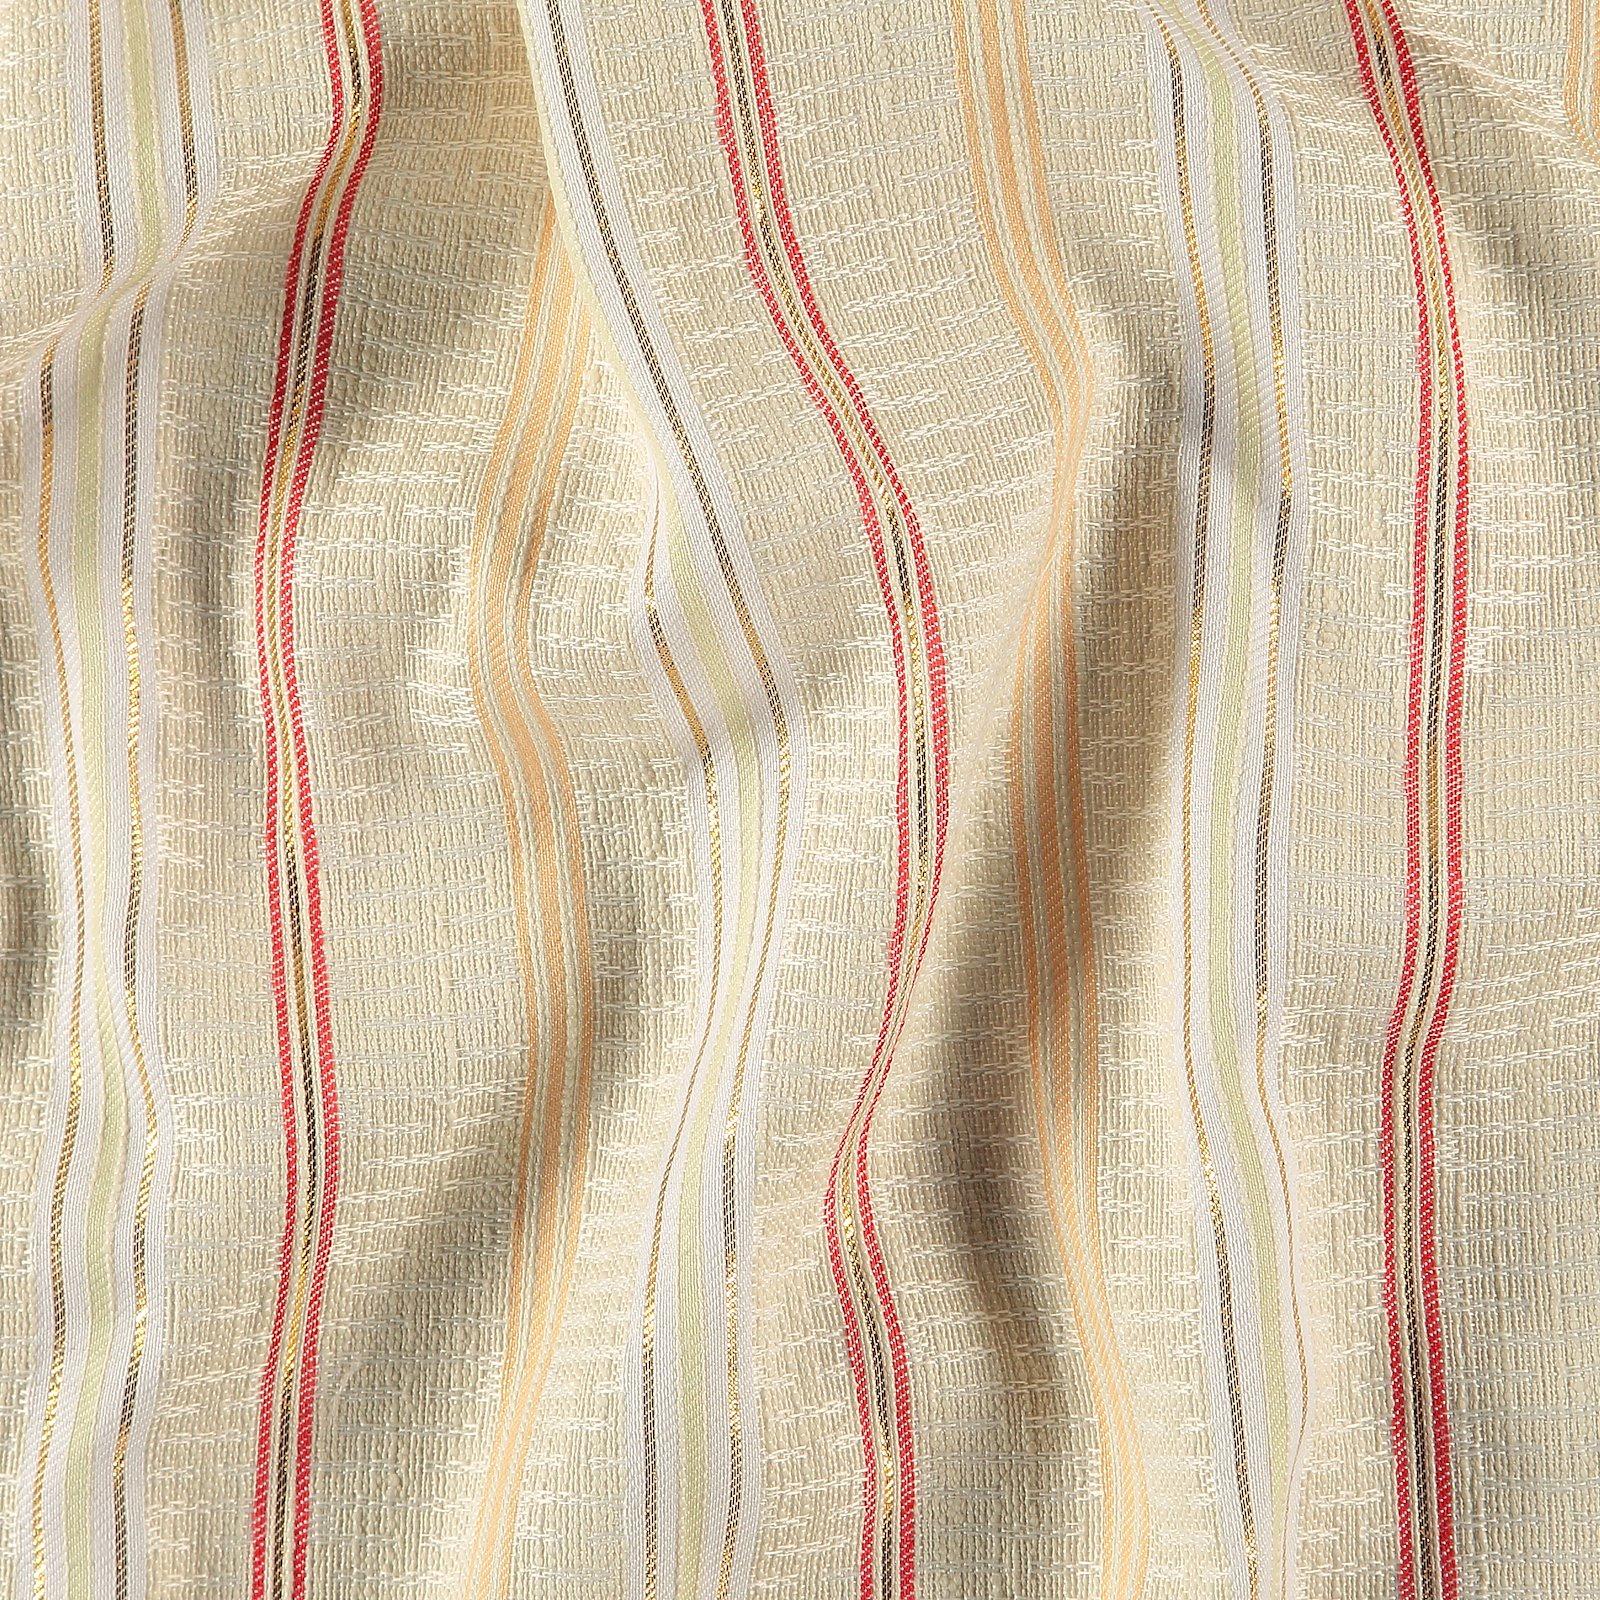 Woven jacquard sand w YD stripe/lurex